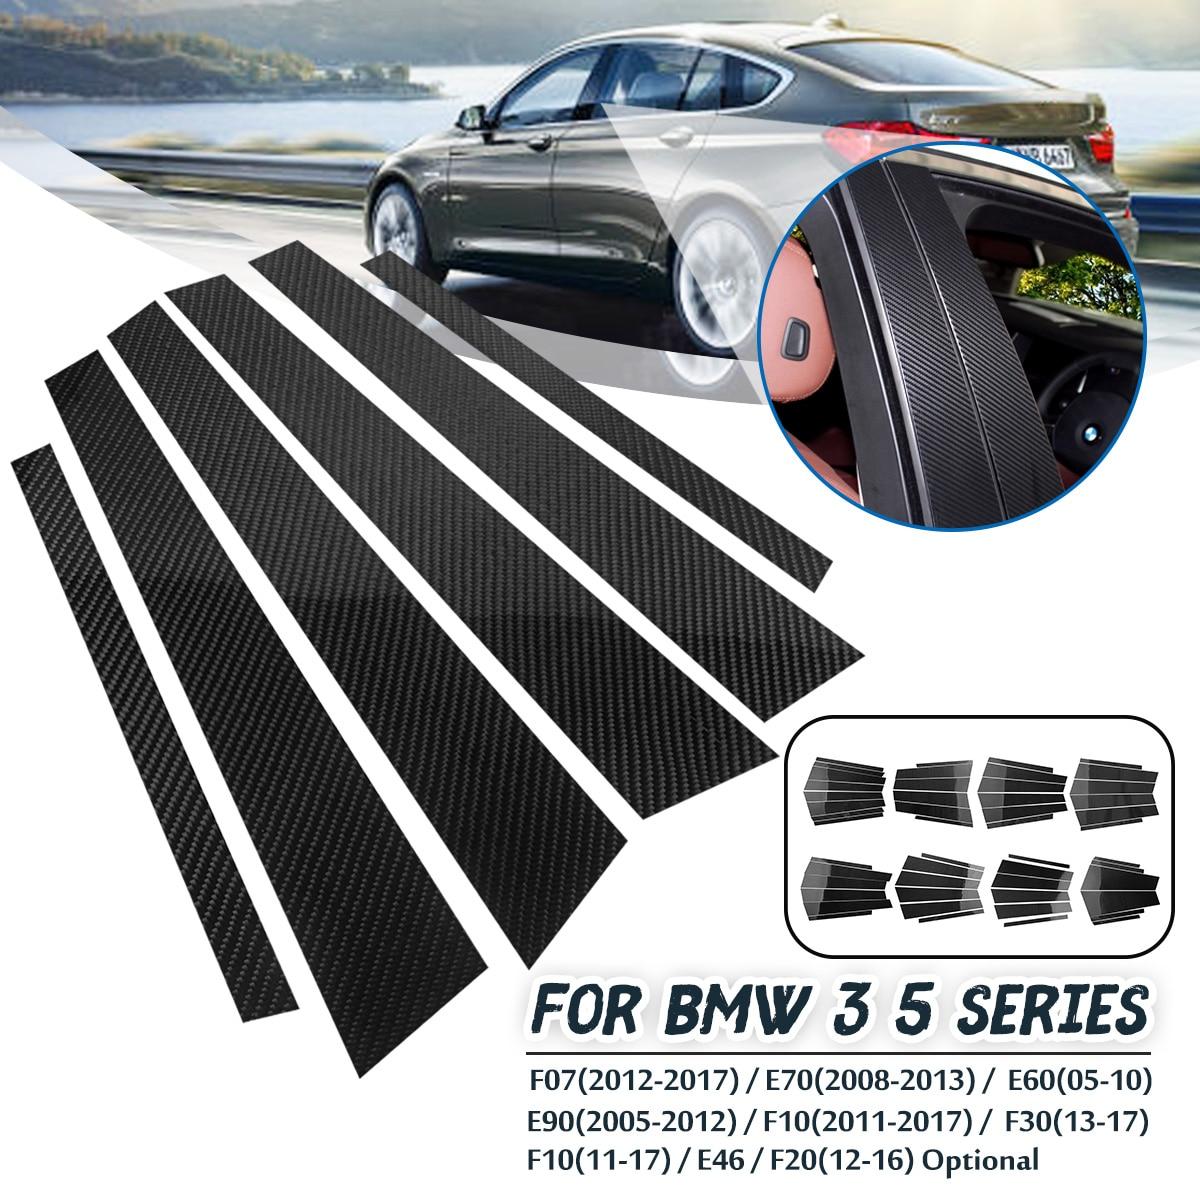 Voiture Fenêtre B-piliers Moulure Autocollants en Fiber de Carbone pour BMW 3 5 Série F07 E70 E90 F10 E60 f30 F10 E46 F20 Style De Voiture